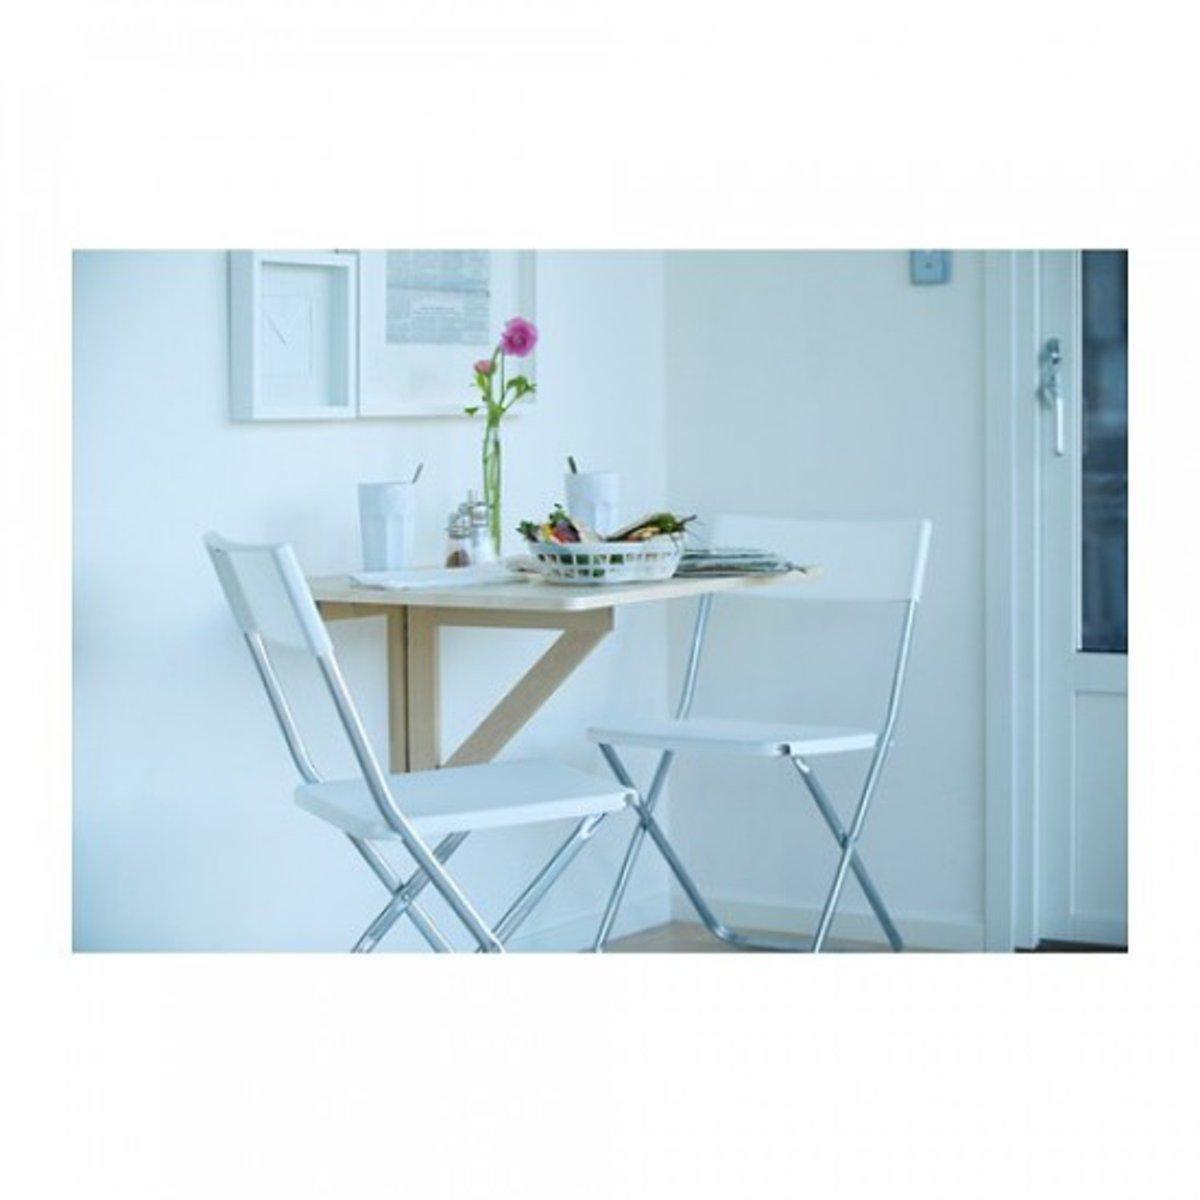 Zdjęcie Nr 1 W Galerii Treści Sprzedam Norbo Ikea Stolik